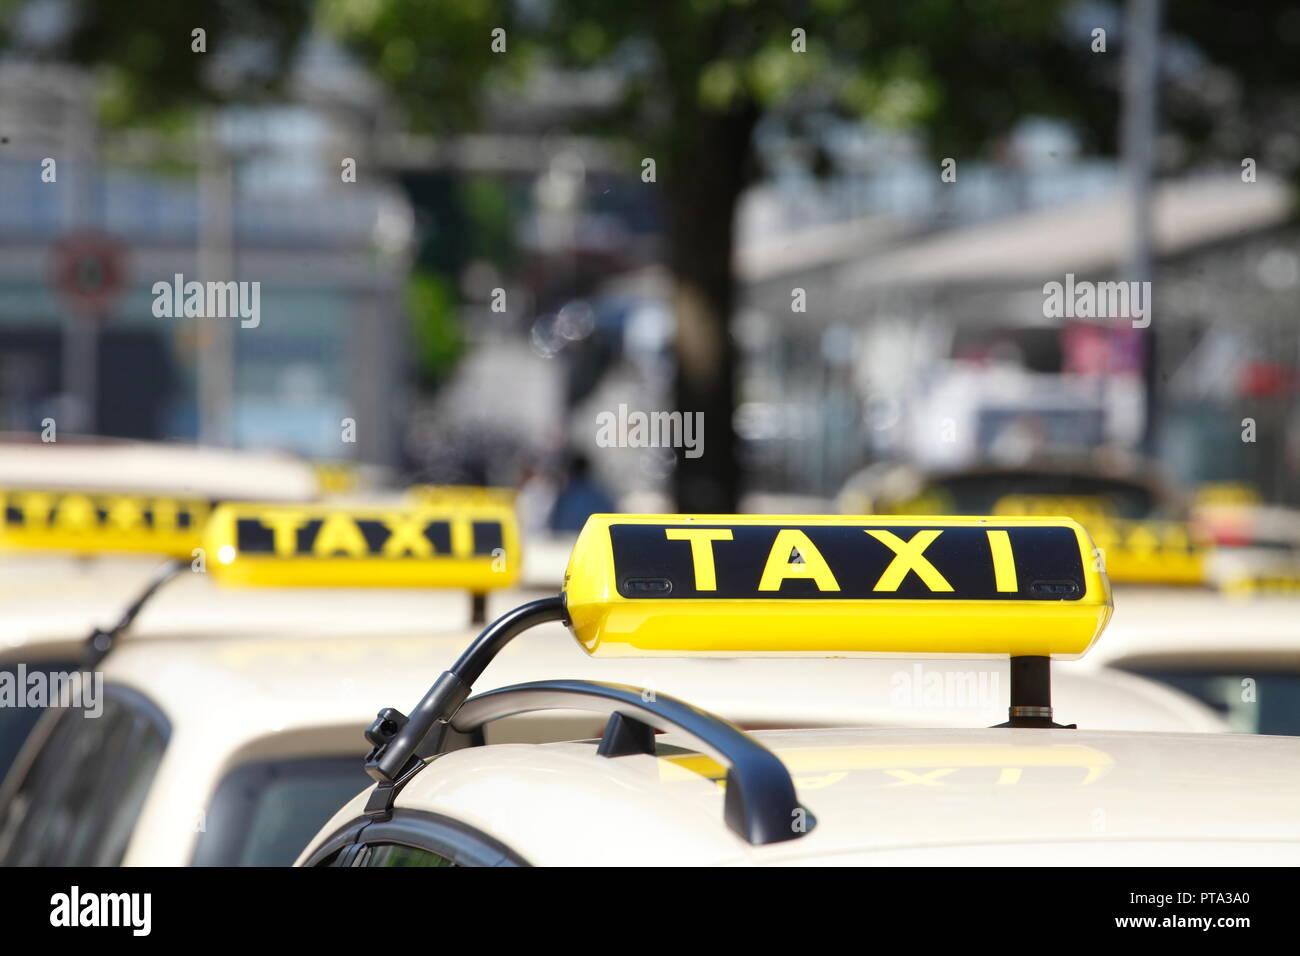 Taxi Schilder, Deutschland, Europa ich Taxisschilder, Deutschland I Stockfoto